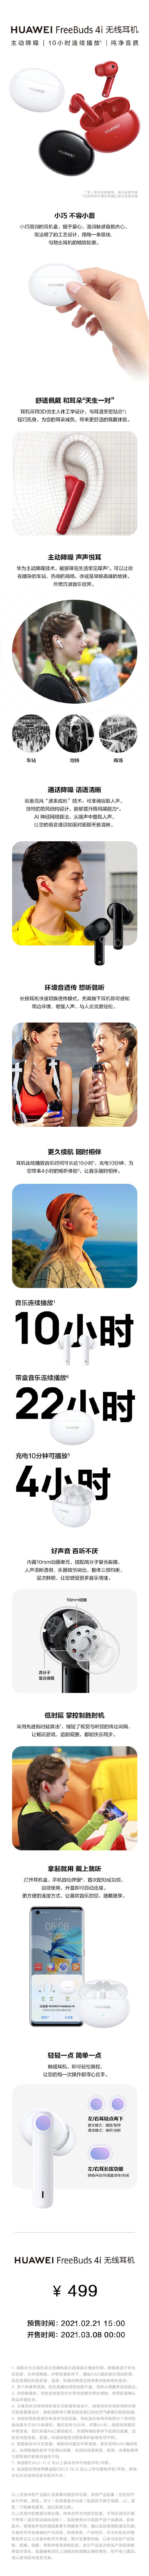 Huawei FreeBuds 4i Specs